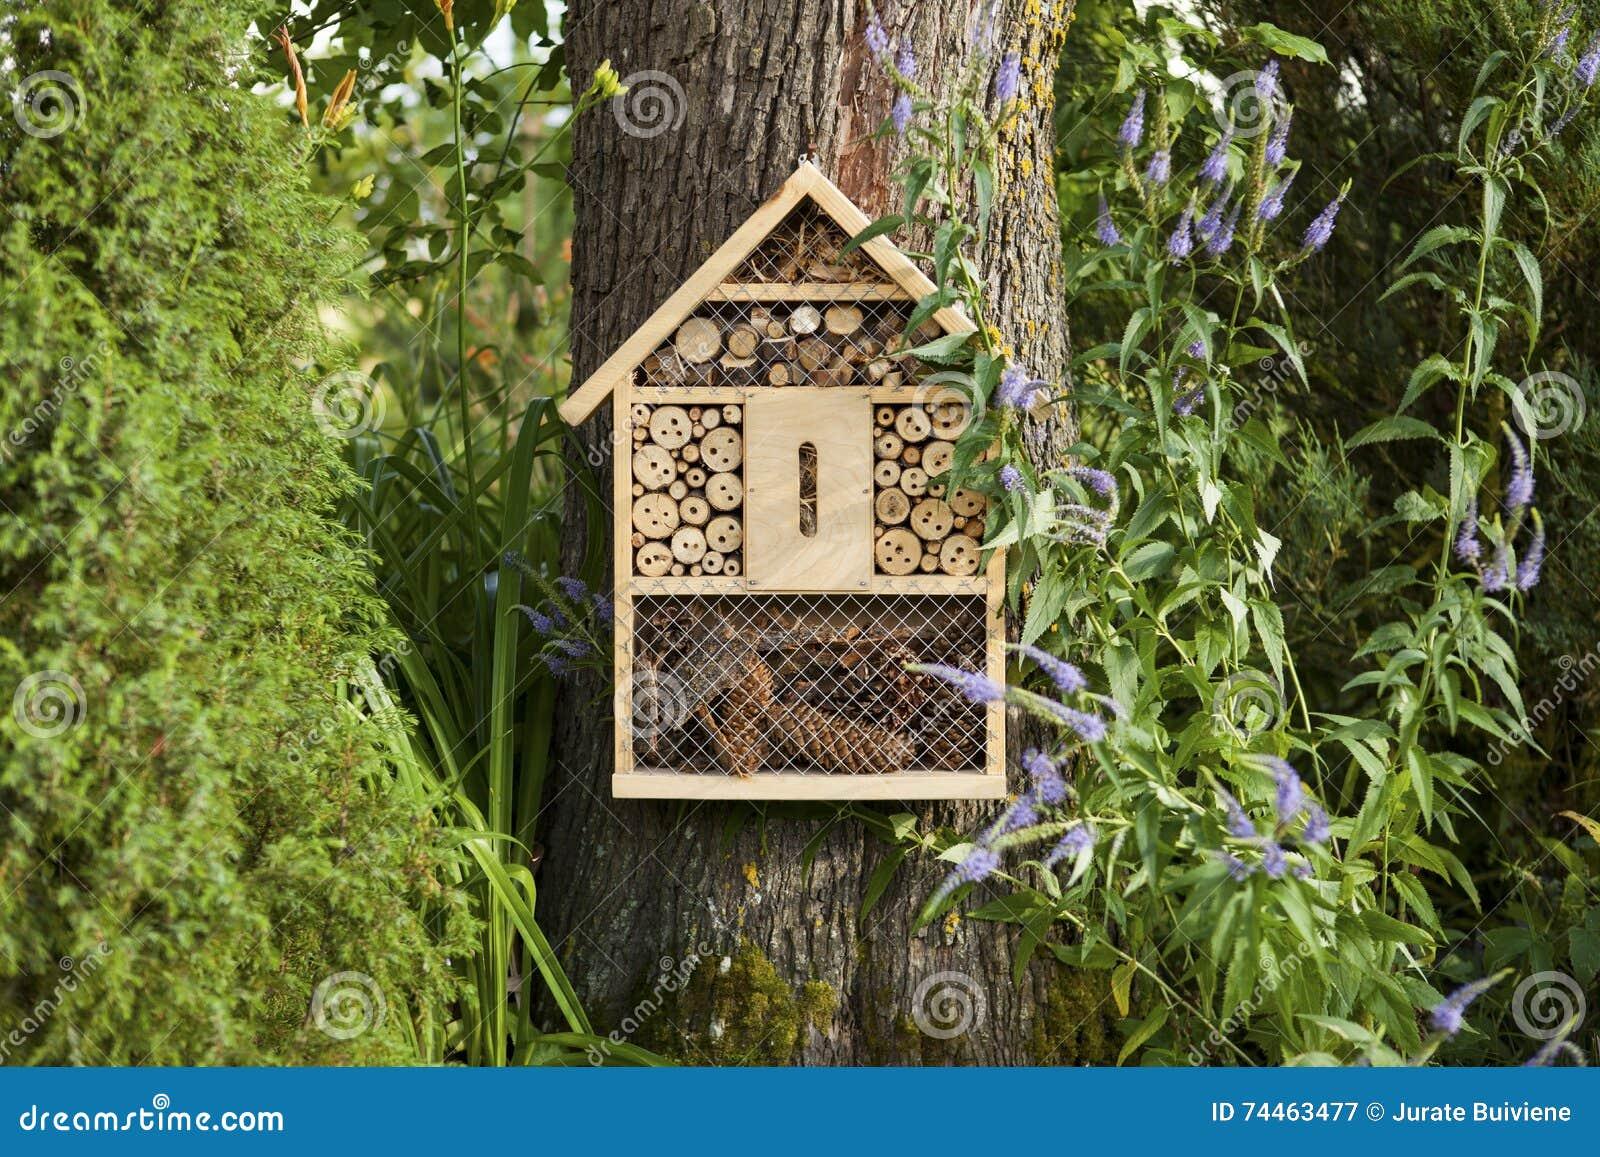 insekten haus stockbild bild von flaschen barke bienen 74463477. Black Bedroom Furniture Sets. Home Design Ideas